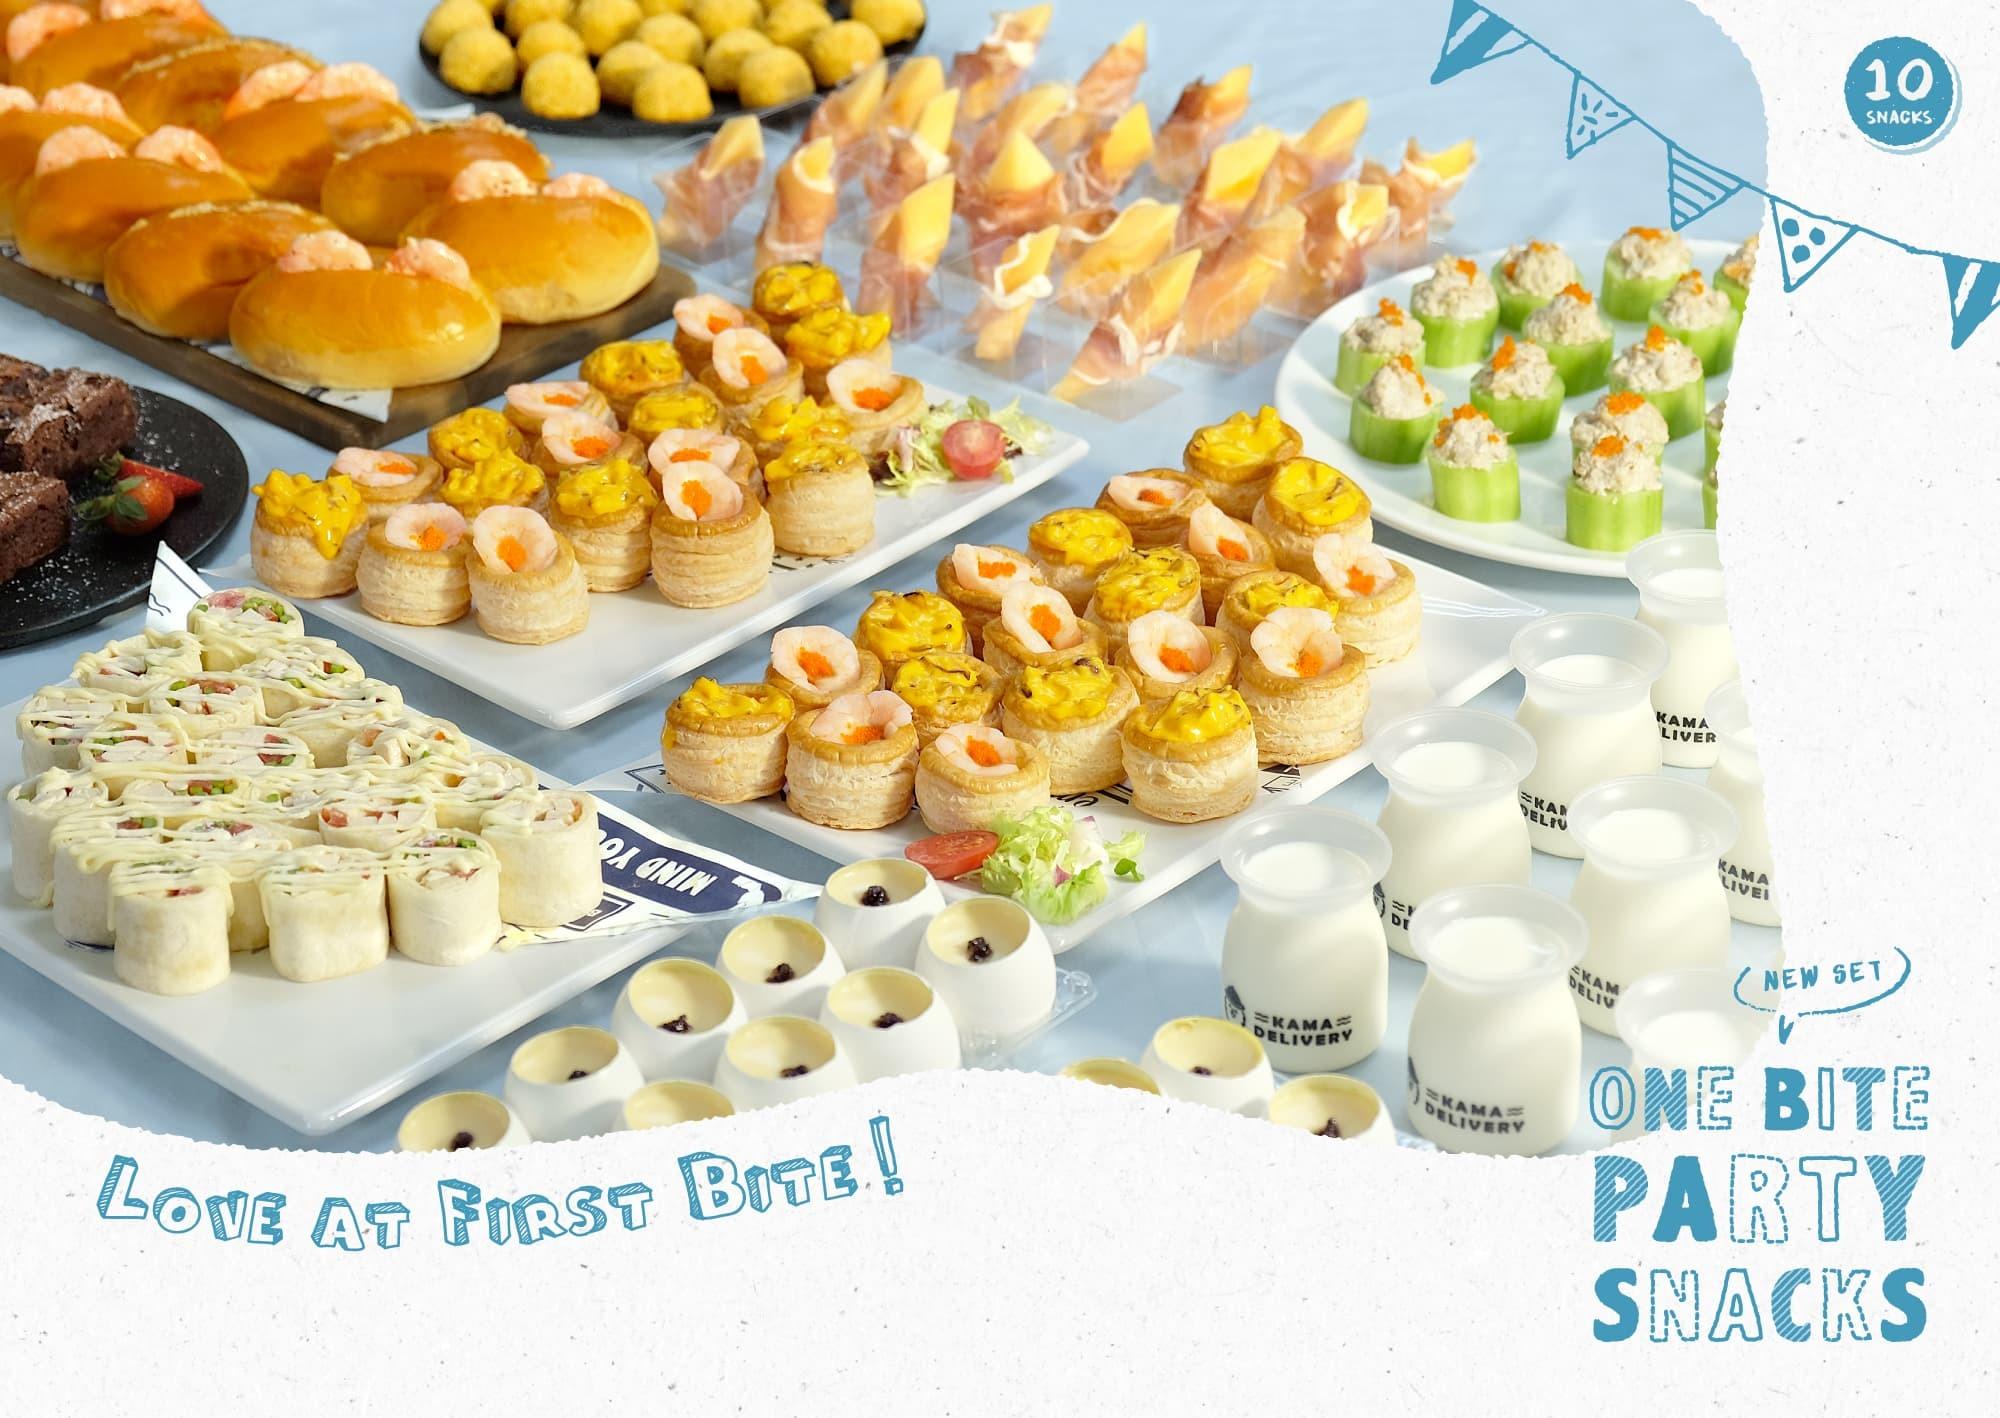 94人外賣套餐訂購 Kama Delivery炮製的一口派對小食Set適合在私人婚禮、晚會、百日宴、下午茶會、座談會、店舖開張、演講會、企業簡介會、公司講座、辦公室會議、慶功宴、員工午膳等場合享用。